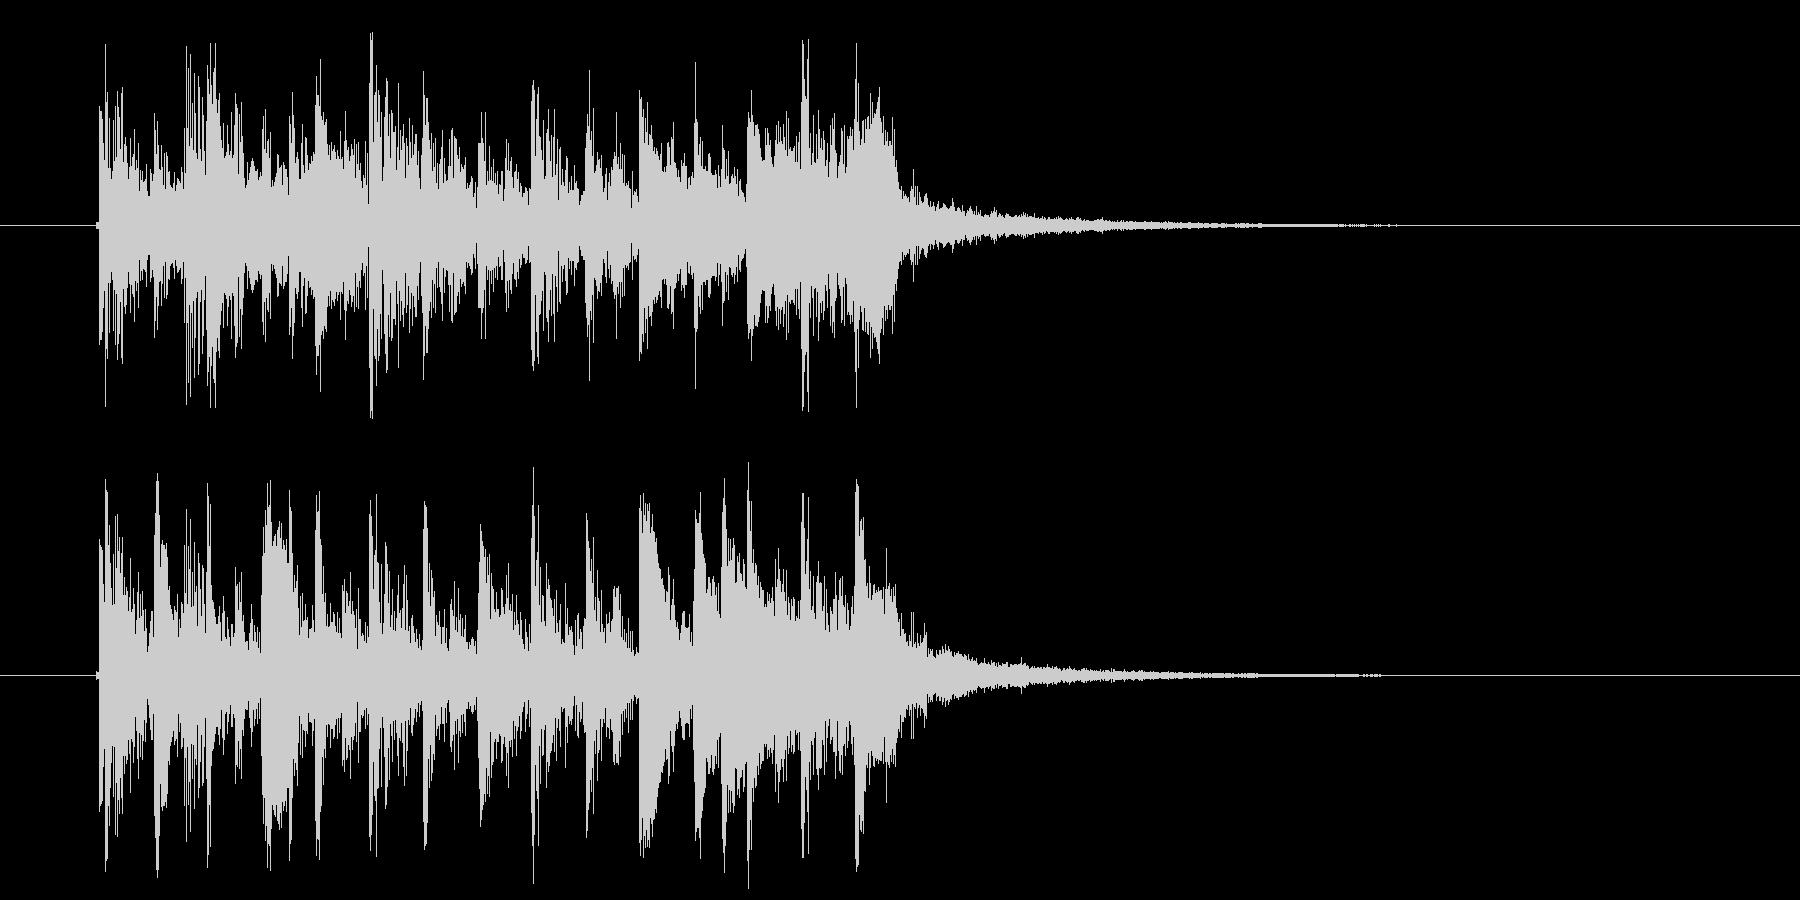 琴にリバーブがかかった音色の短い楽曲の未再生の波形